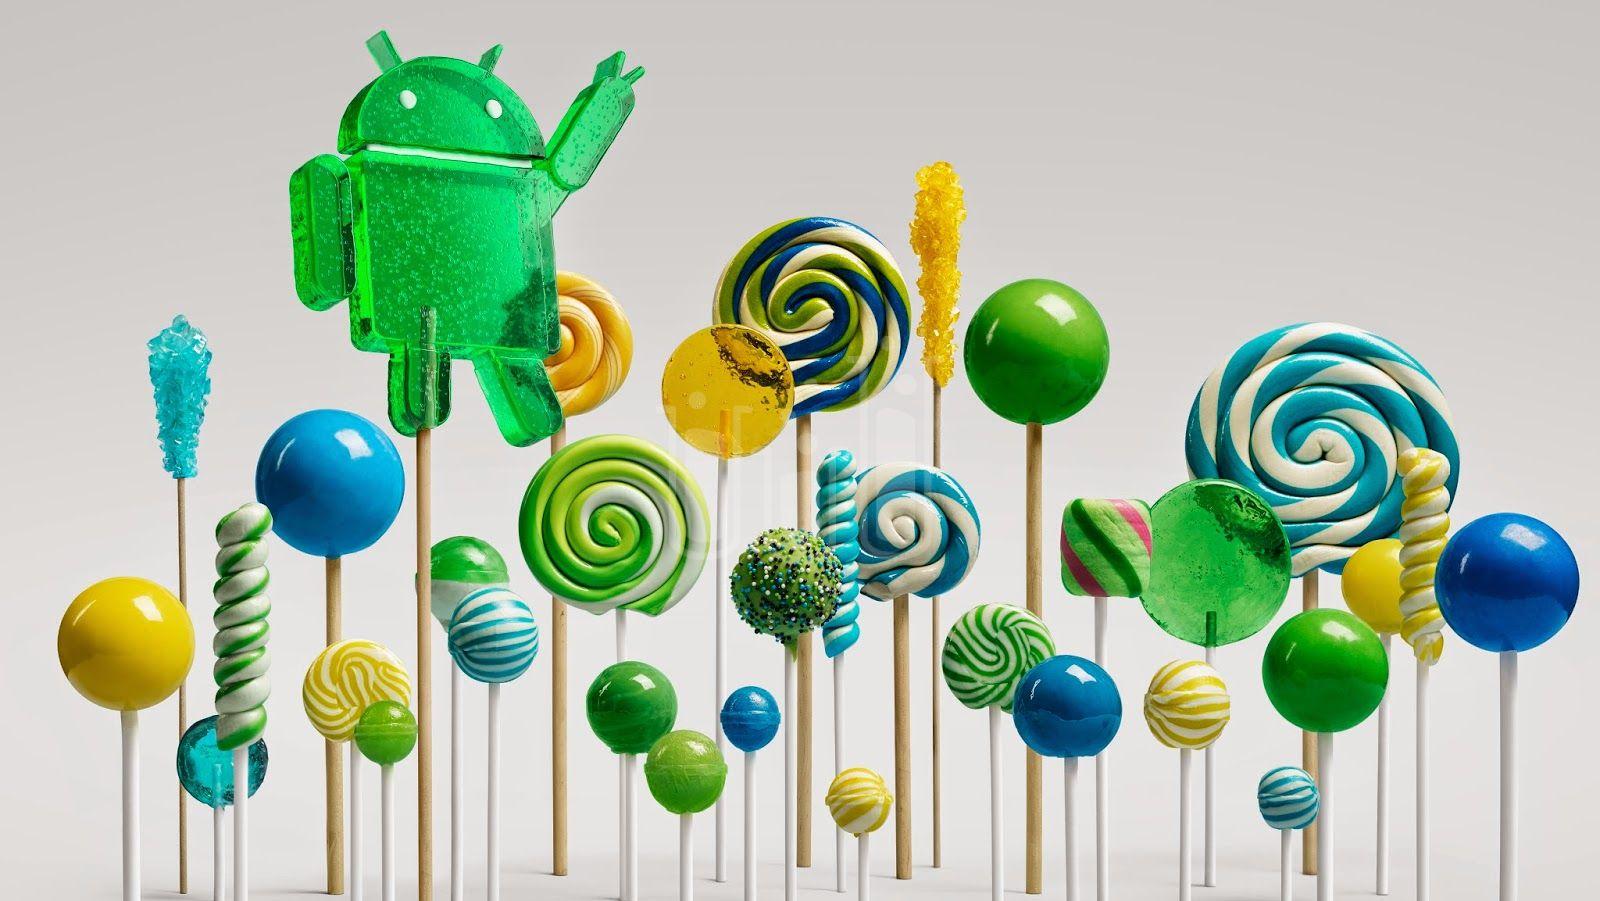 Judy, nuovo Adware scoperto su applicazioni Google Play Store